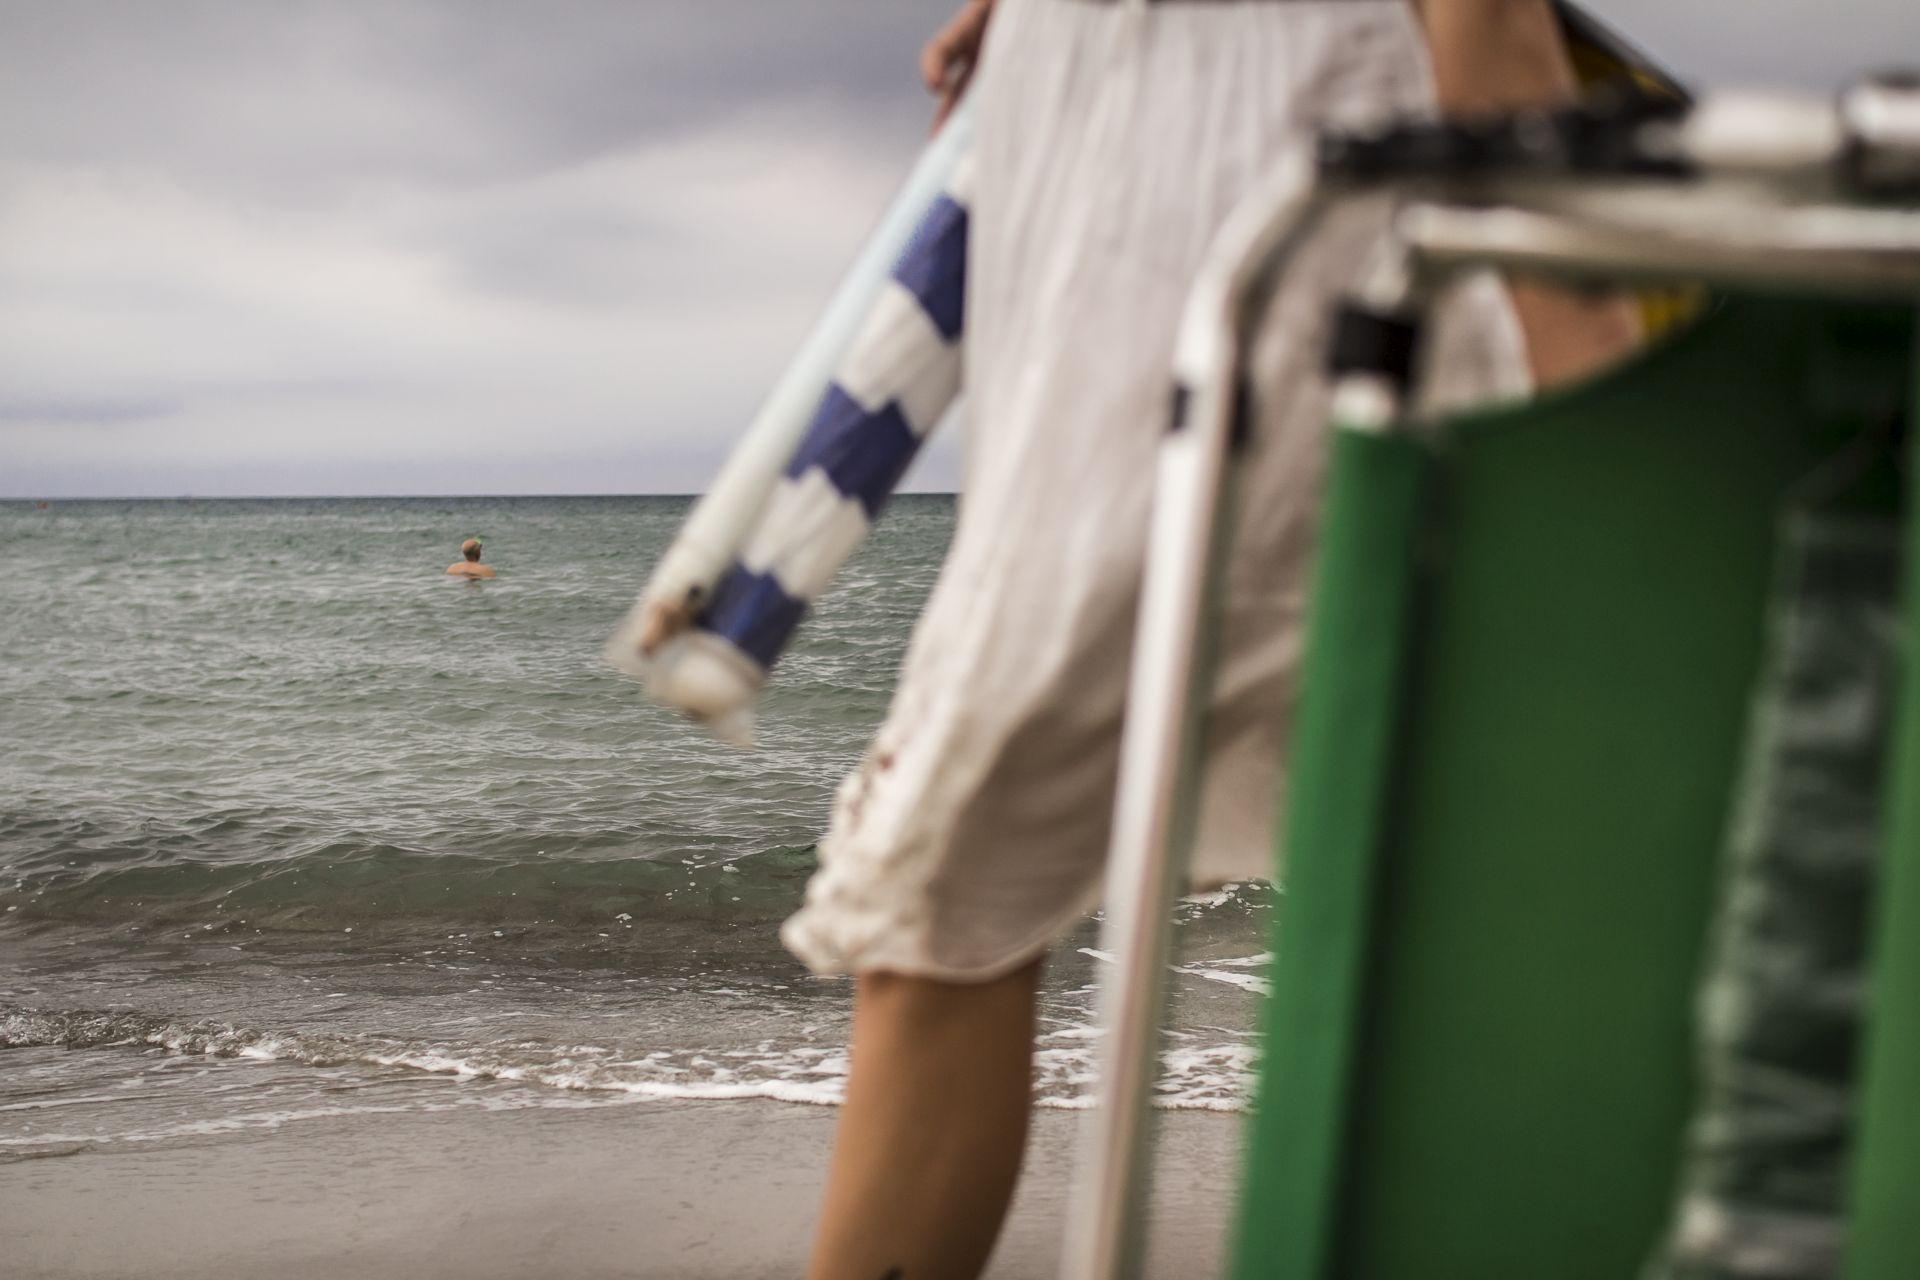 In spiaggia.jpg